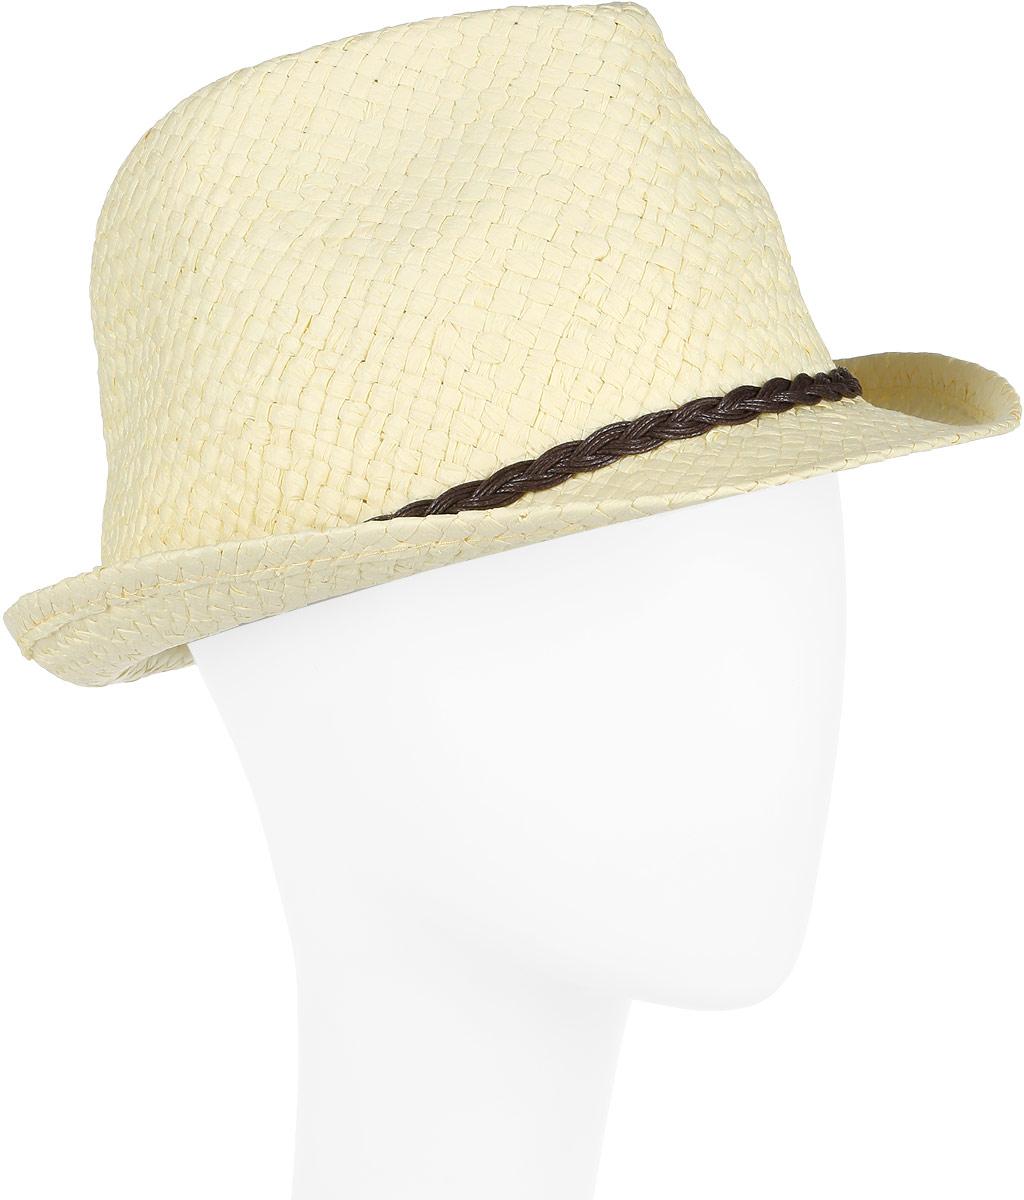 Шляпа женская Canoe Togo, цвет: желтый. 1963763. Размер 561963763Стильная летняя шляпа Canoe Togo, выполненная из искусственной соломы, станет незаменимым аксессуаром для пляжа и отдыха на природе, и обеспечит надежную защиту головы от солнца. Шляпа оформлена декоративным плетеным ремешком. Плетение шляпы обеспечивает необходимую вентиляцию и комфорт даже в самый знойный день. Шляпа легко восстанавливает свою форму после сжатия.Такая шляпа подчеркнет вашу неповторимость и дополнит ваш повседневный образ.